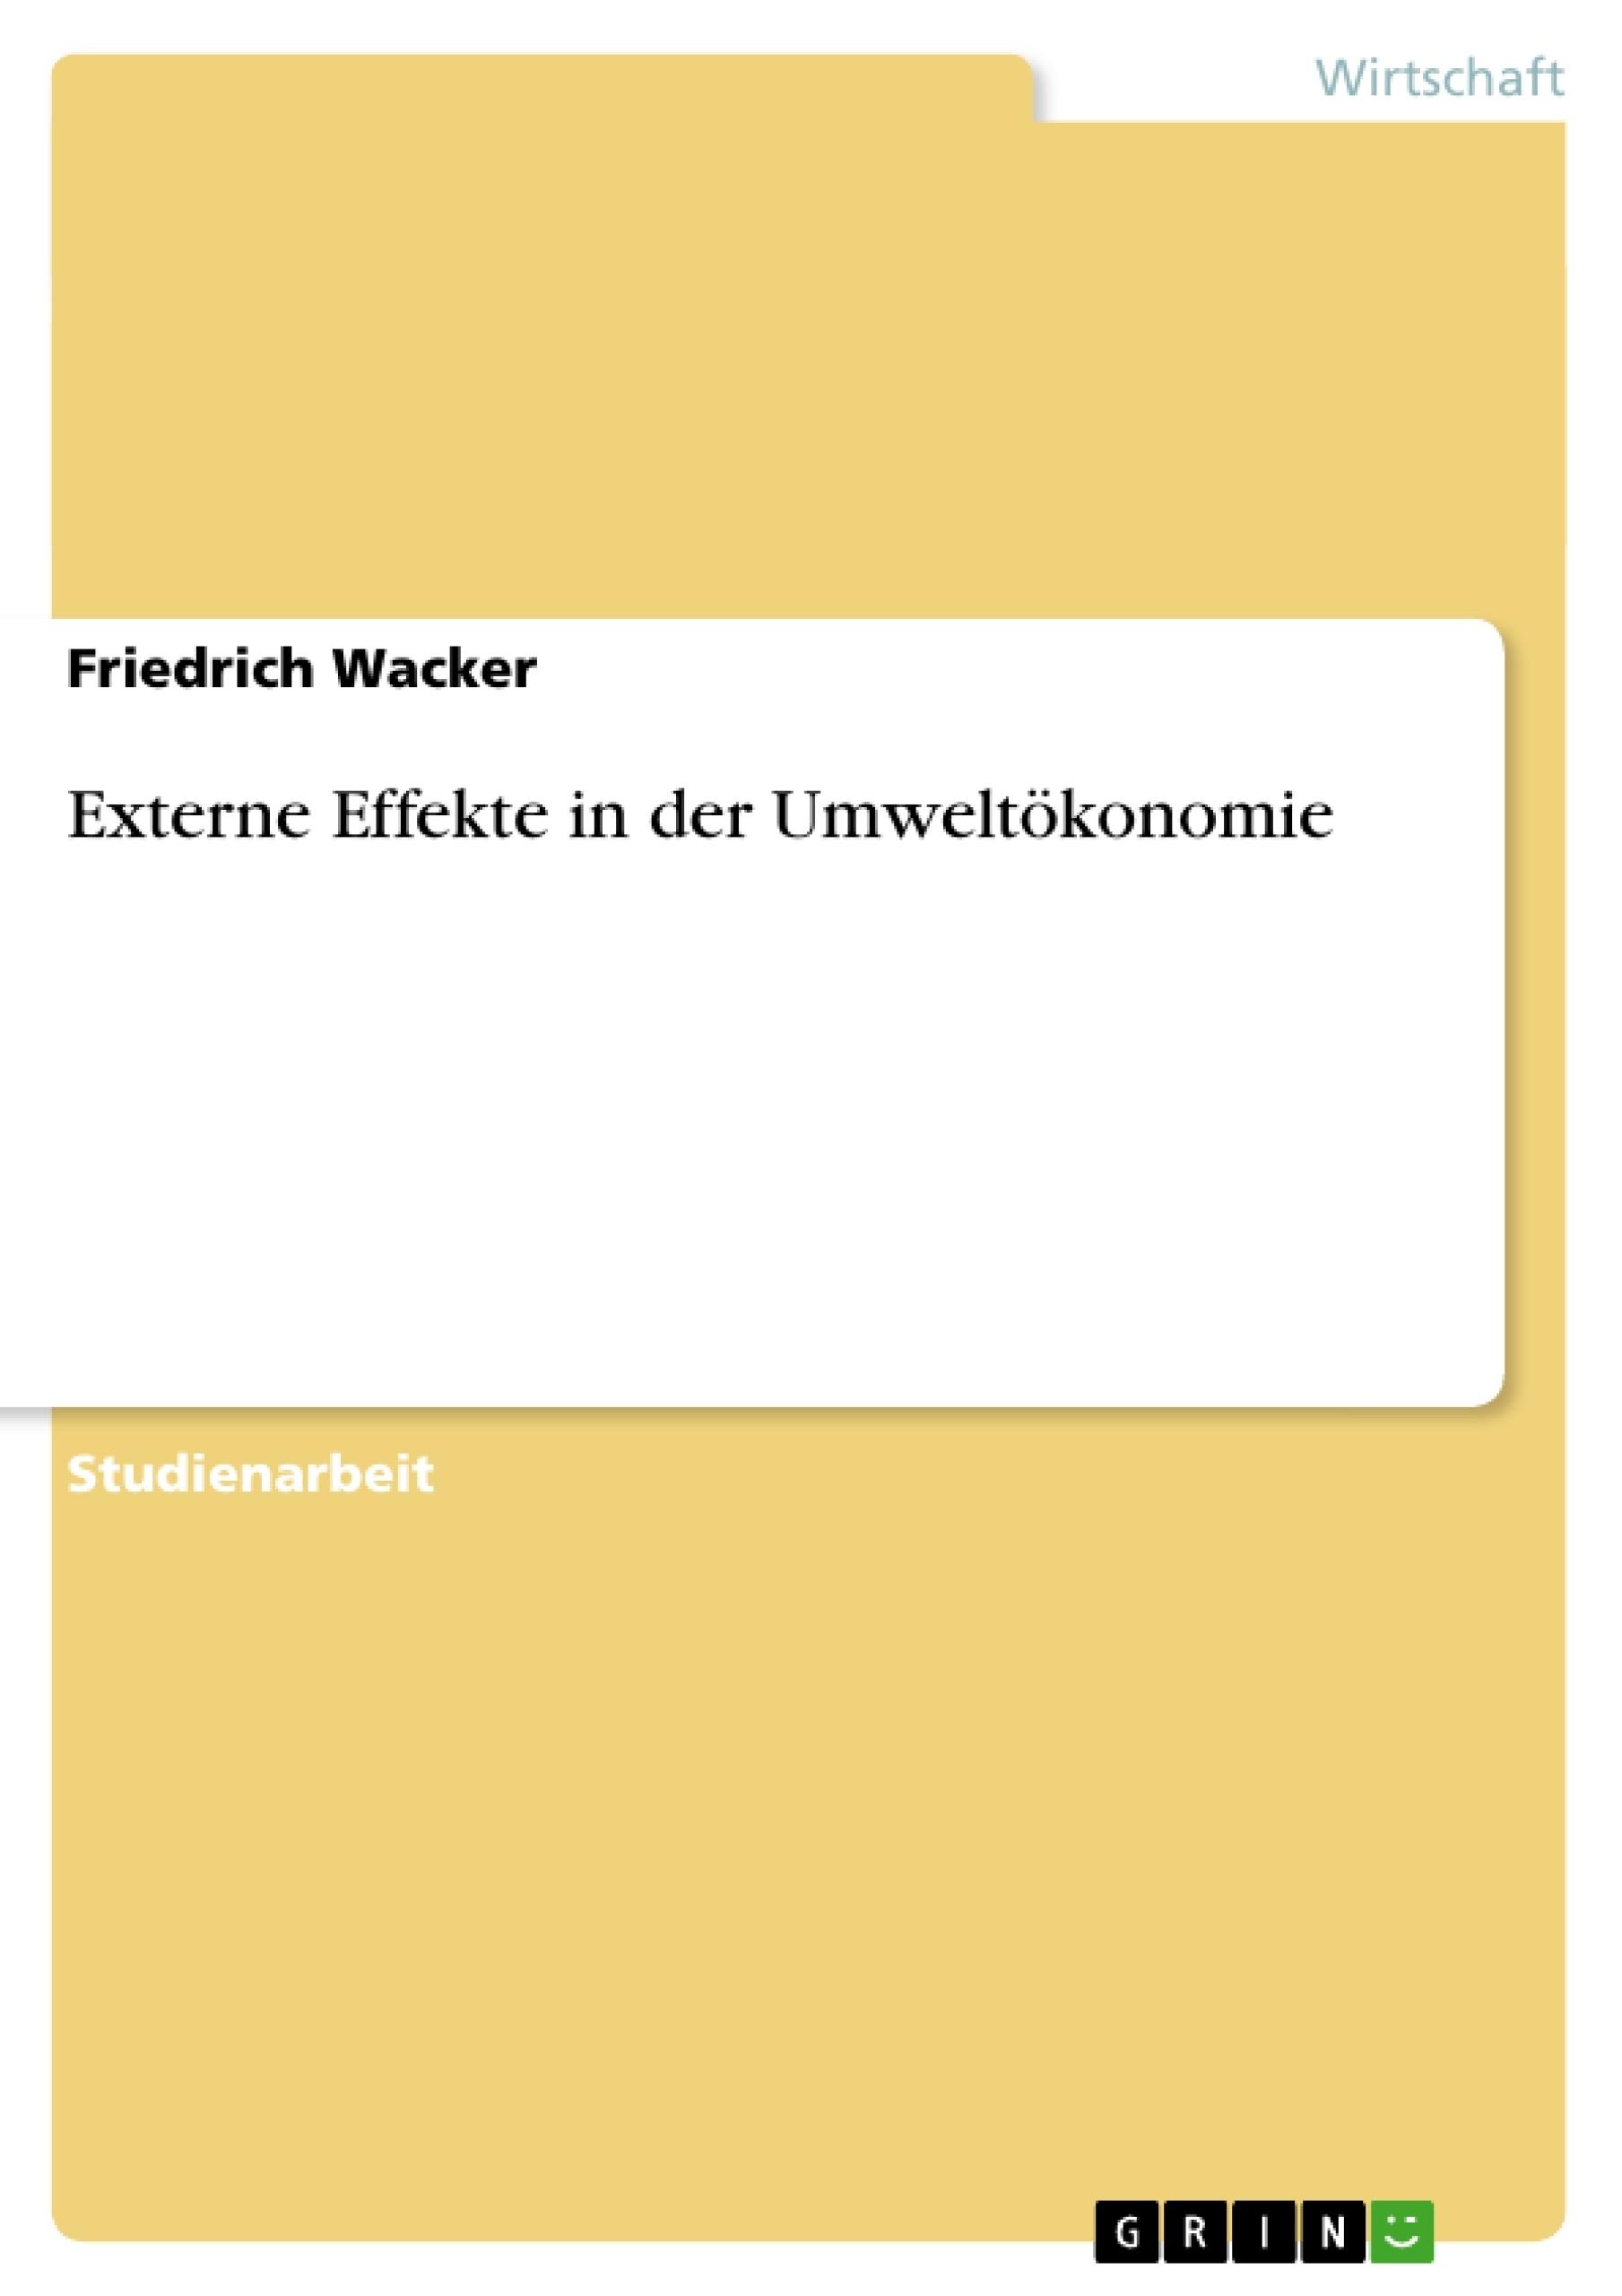 Titel: Externe Effekte in der Umweltökonomie